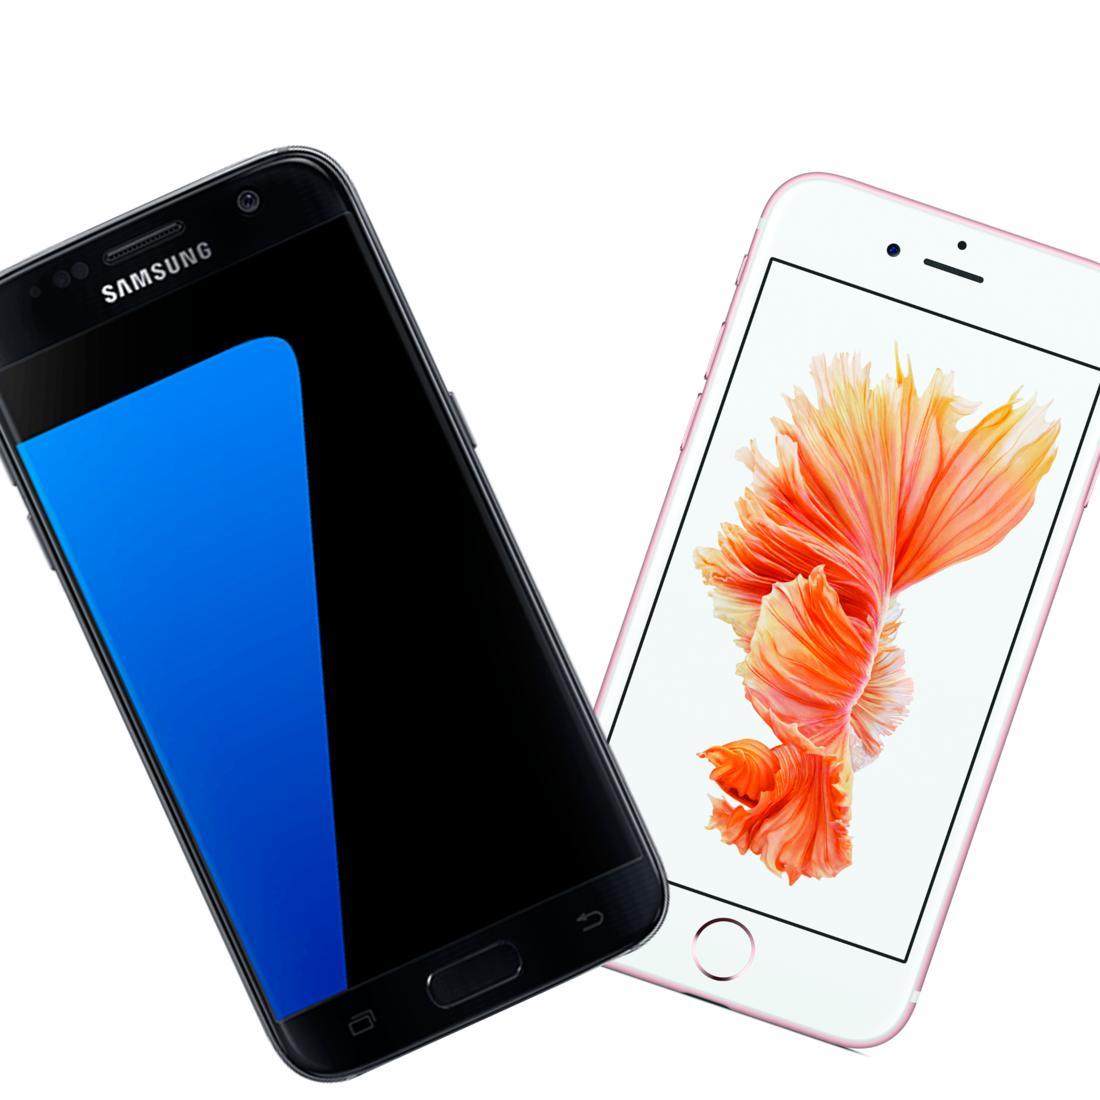 Samsung Galaxy S7 Sd Karte Größe.Iphone 6s Vs Galaxy S7 5 Gute Gründe Für Das Galaxy S7 Mac Life